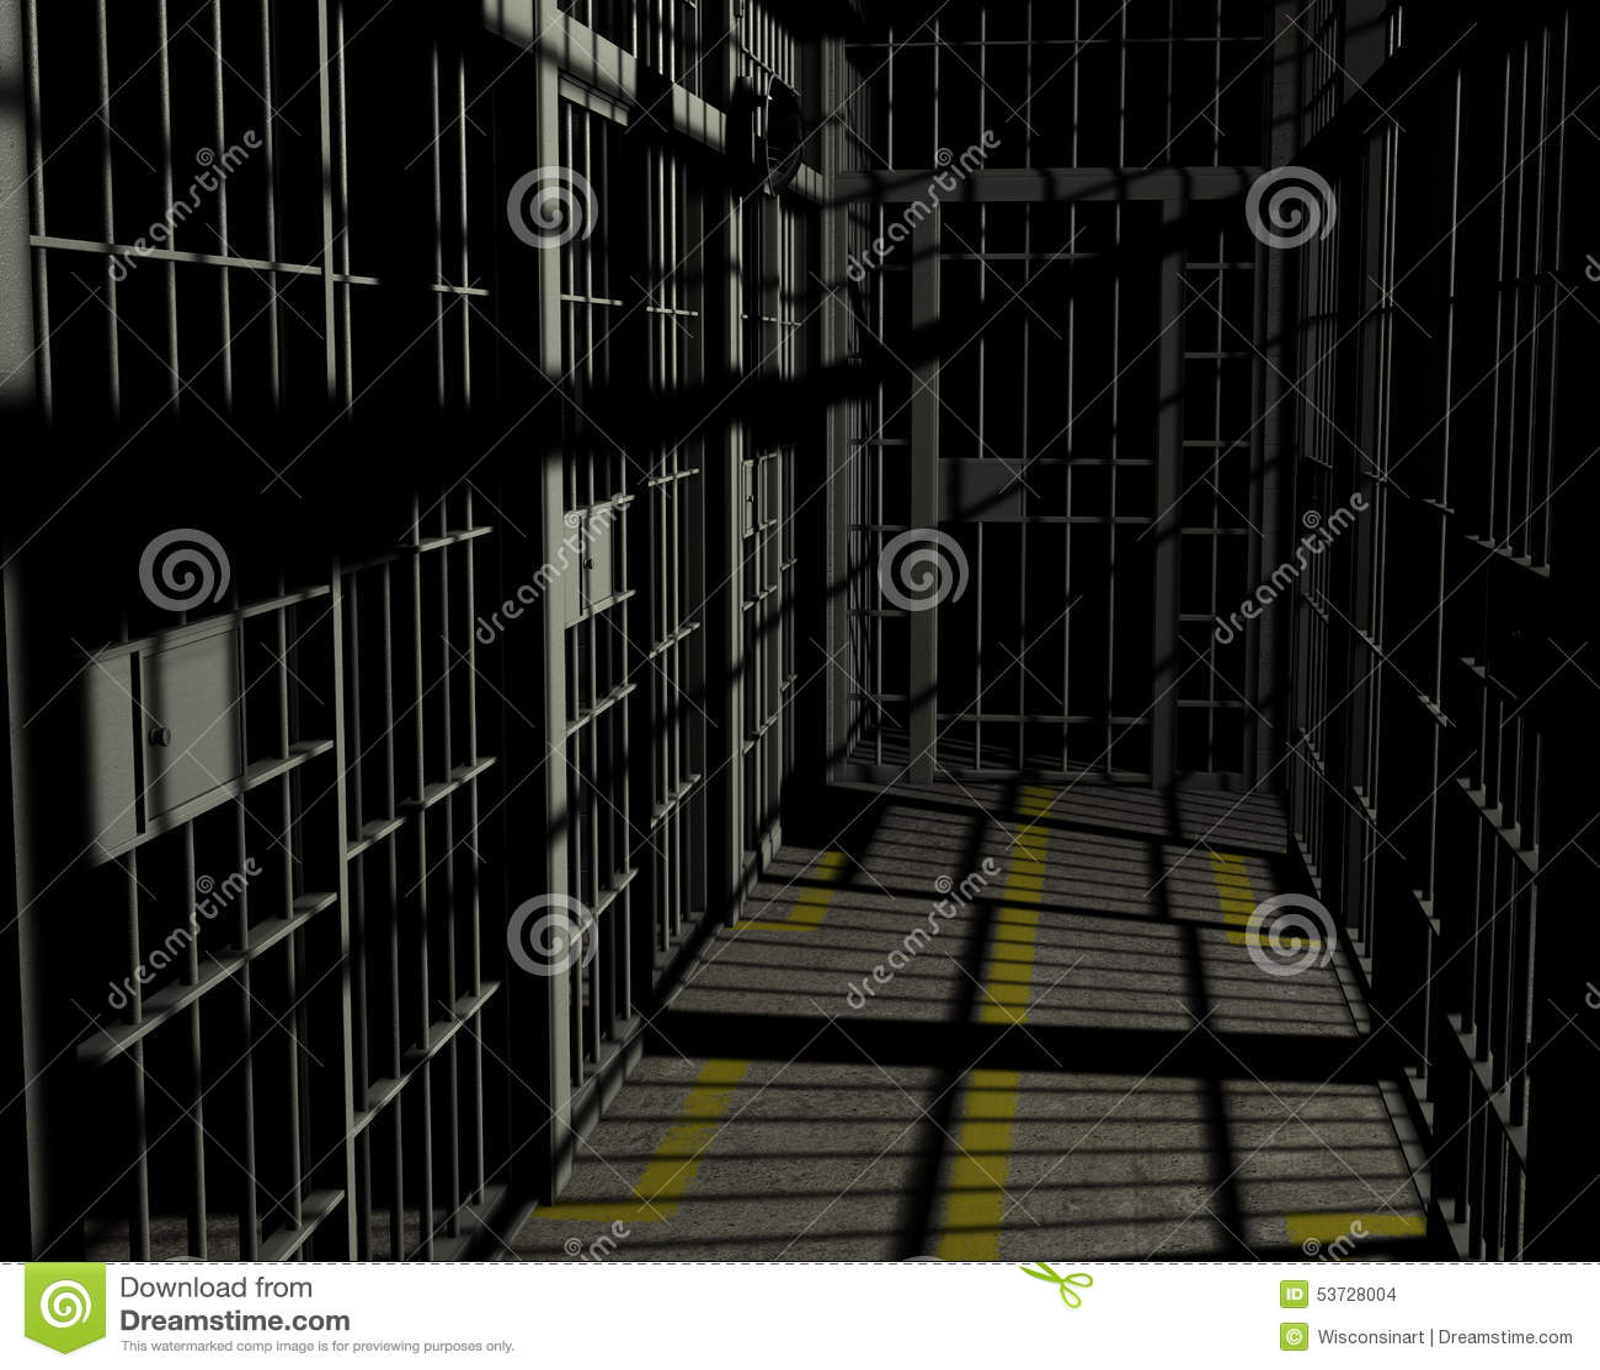 Prison Escape Escape Room